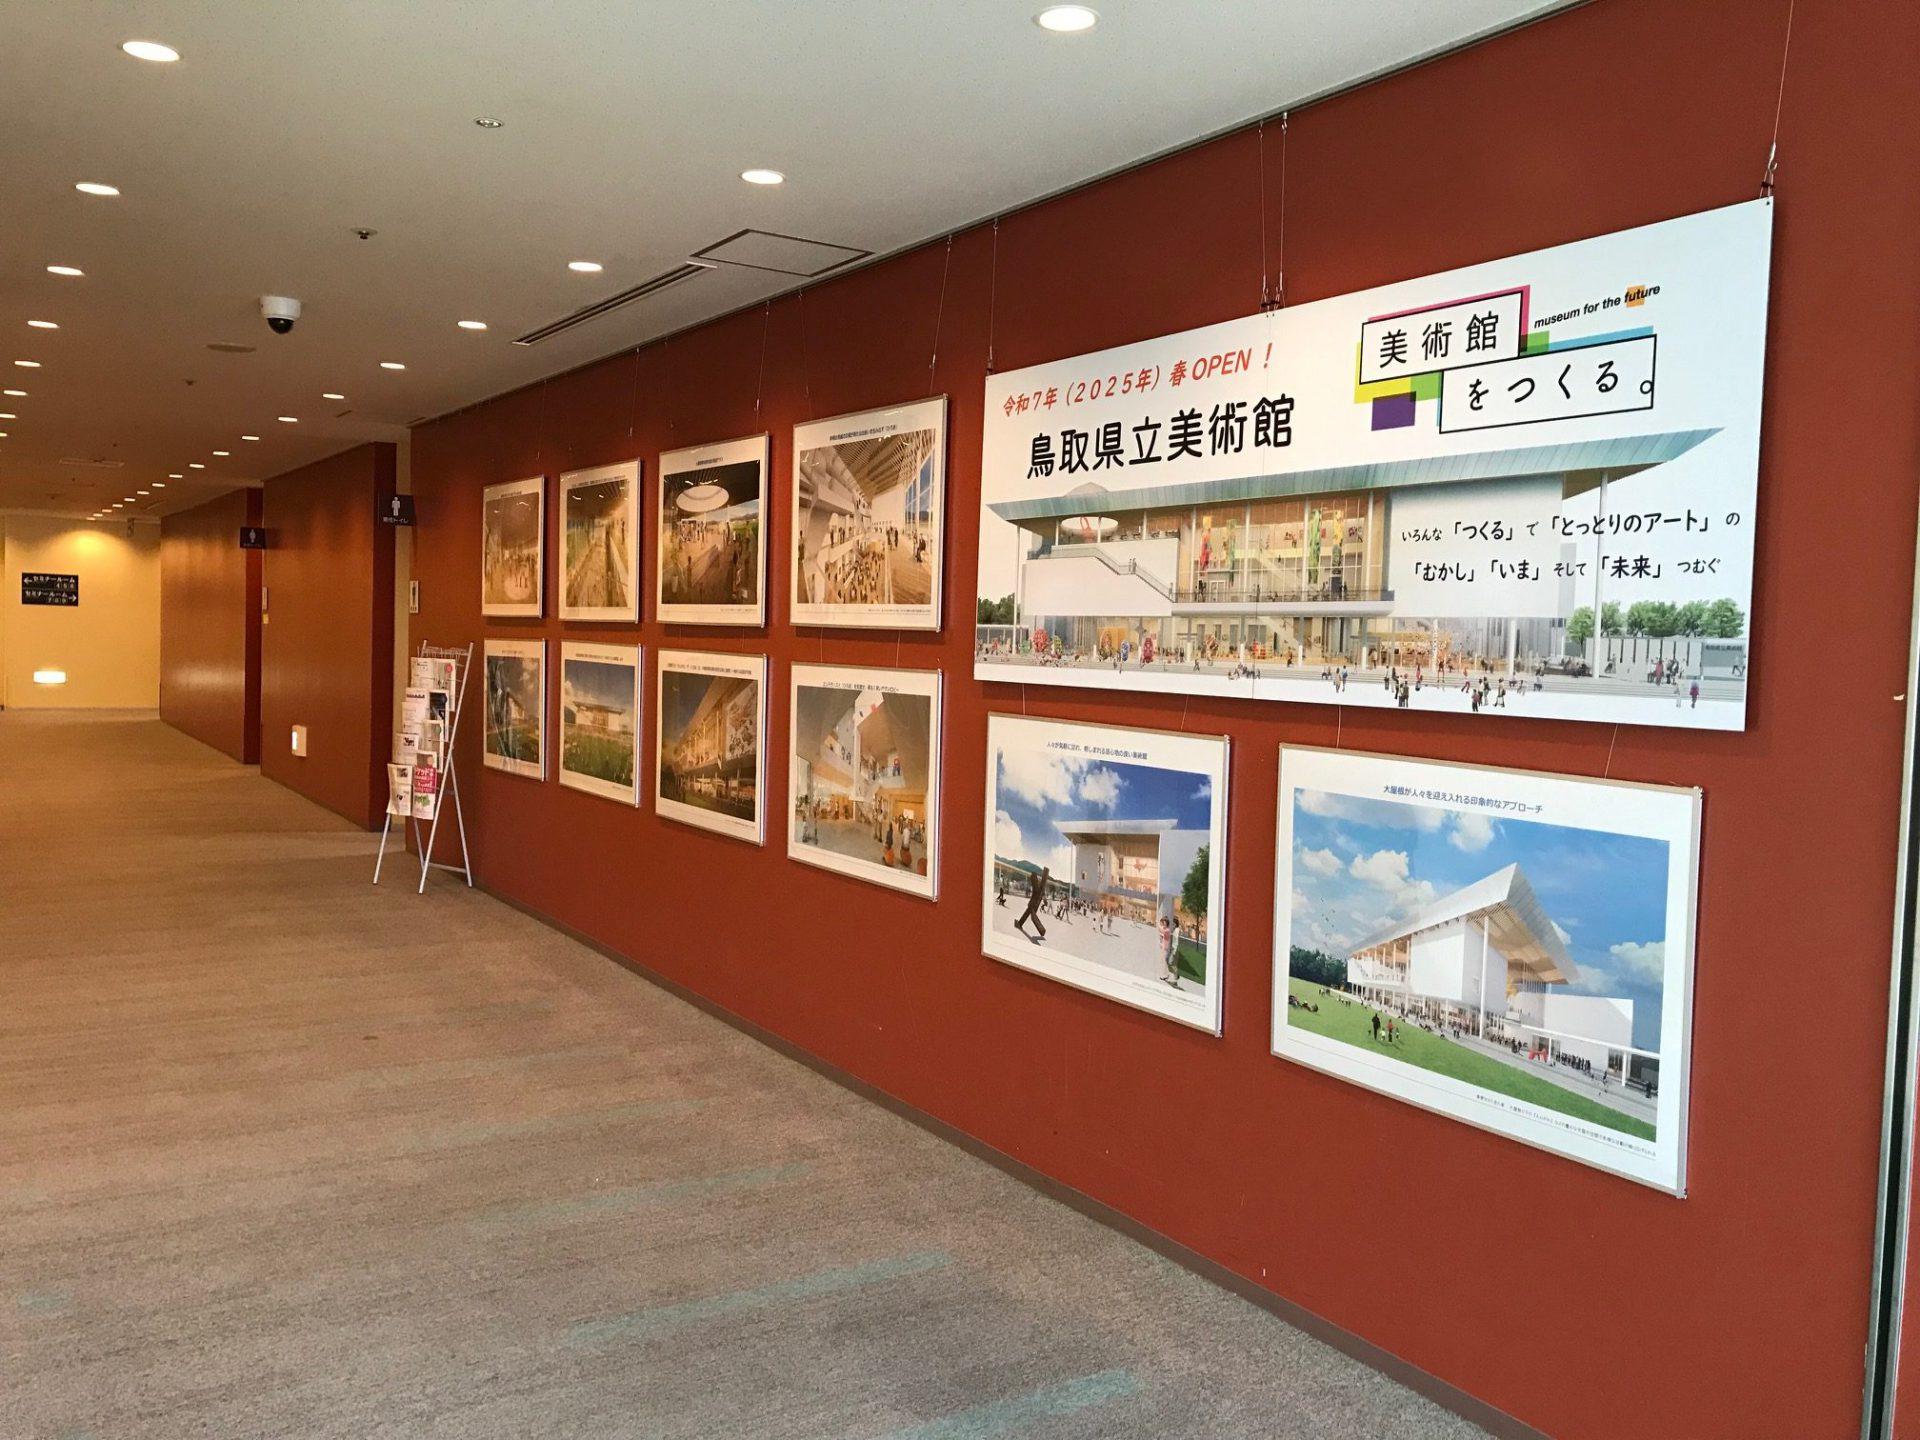 倉吉未来中心でのパネル掲示(全景)